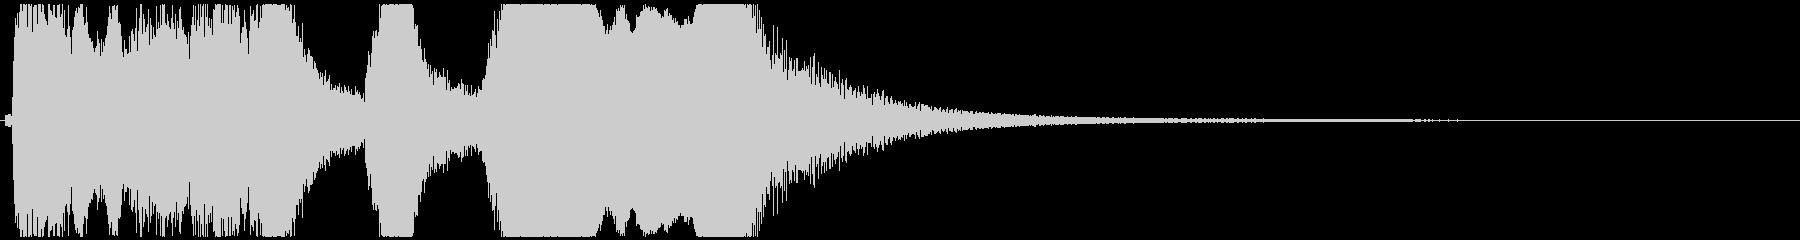 尺八と小鼓ポンッ!の短いジングルCの未再生の波形